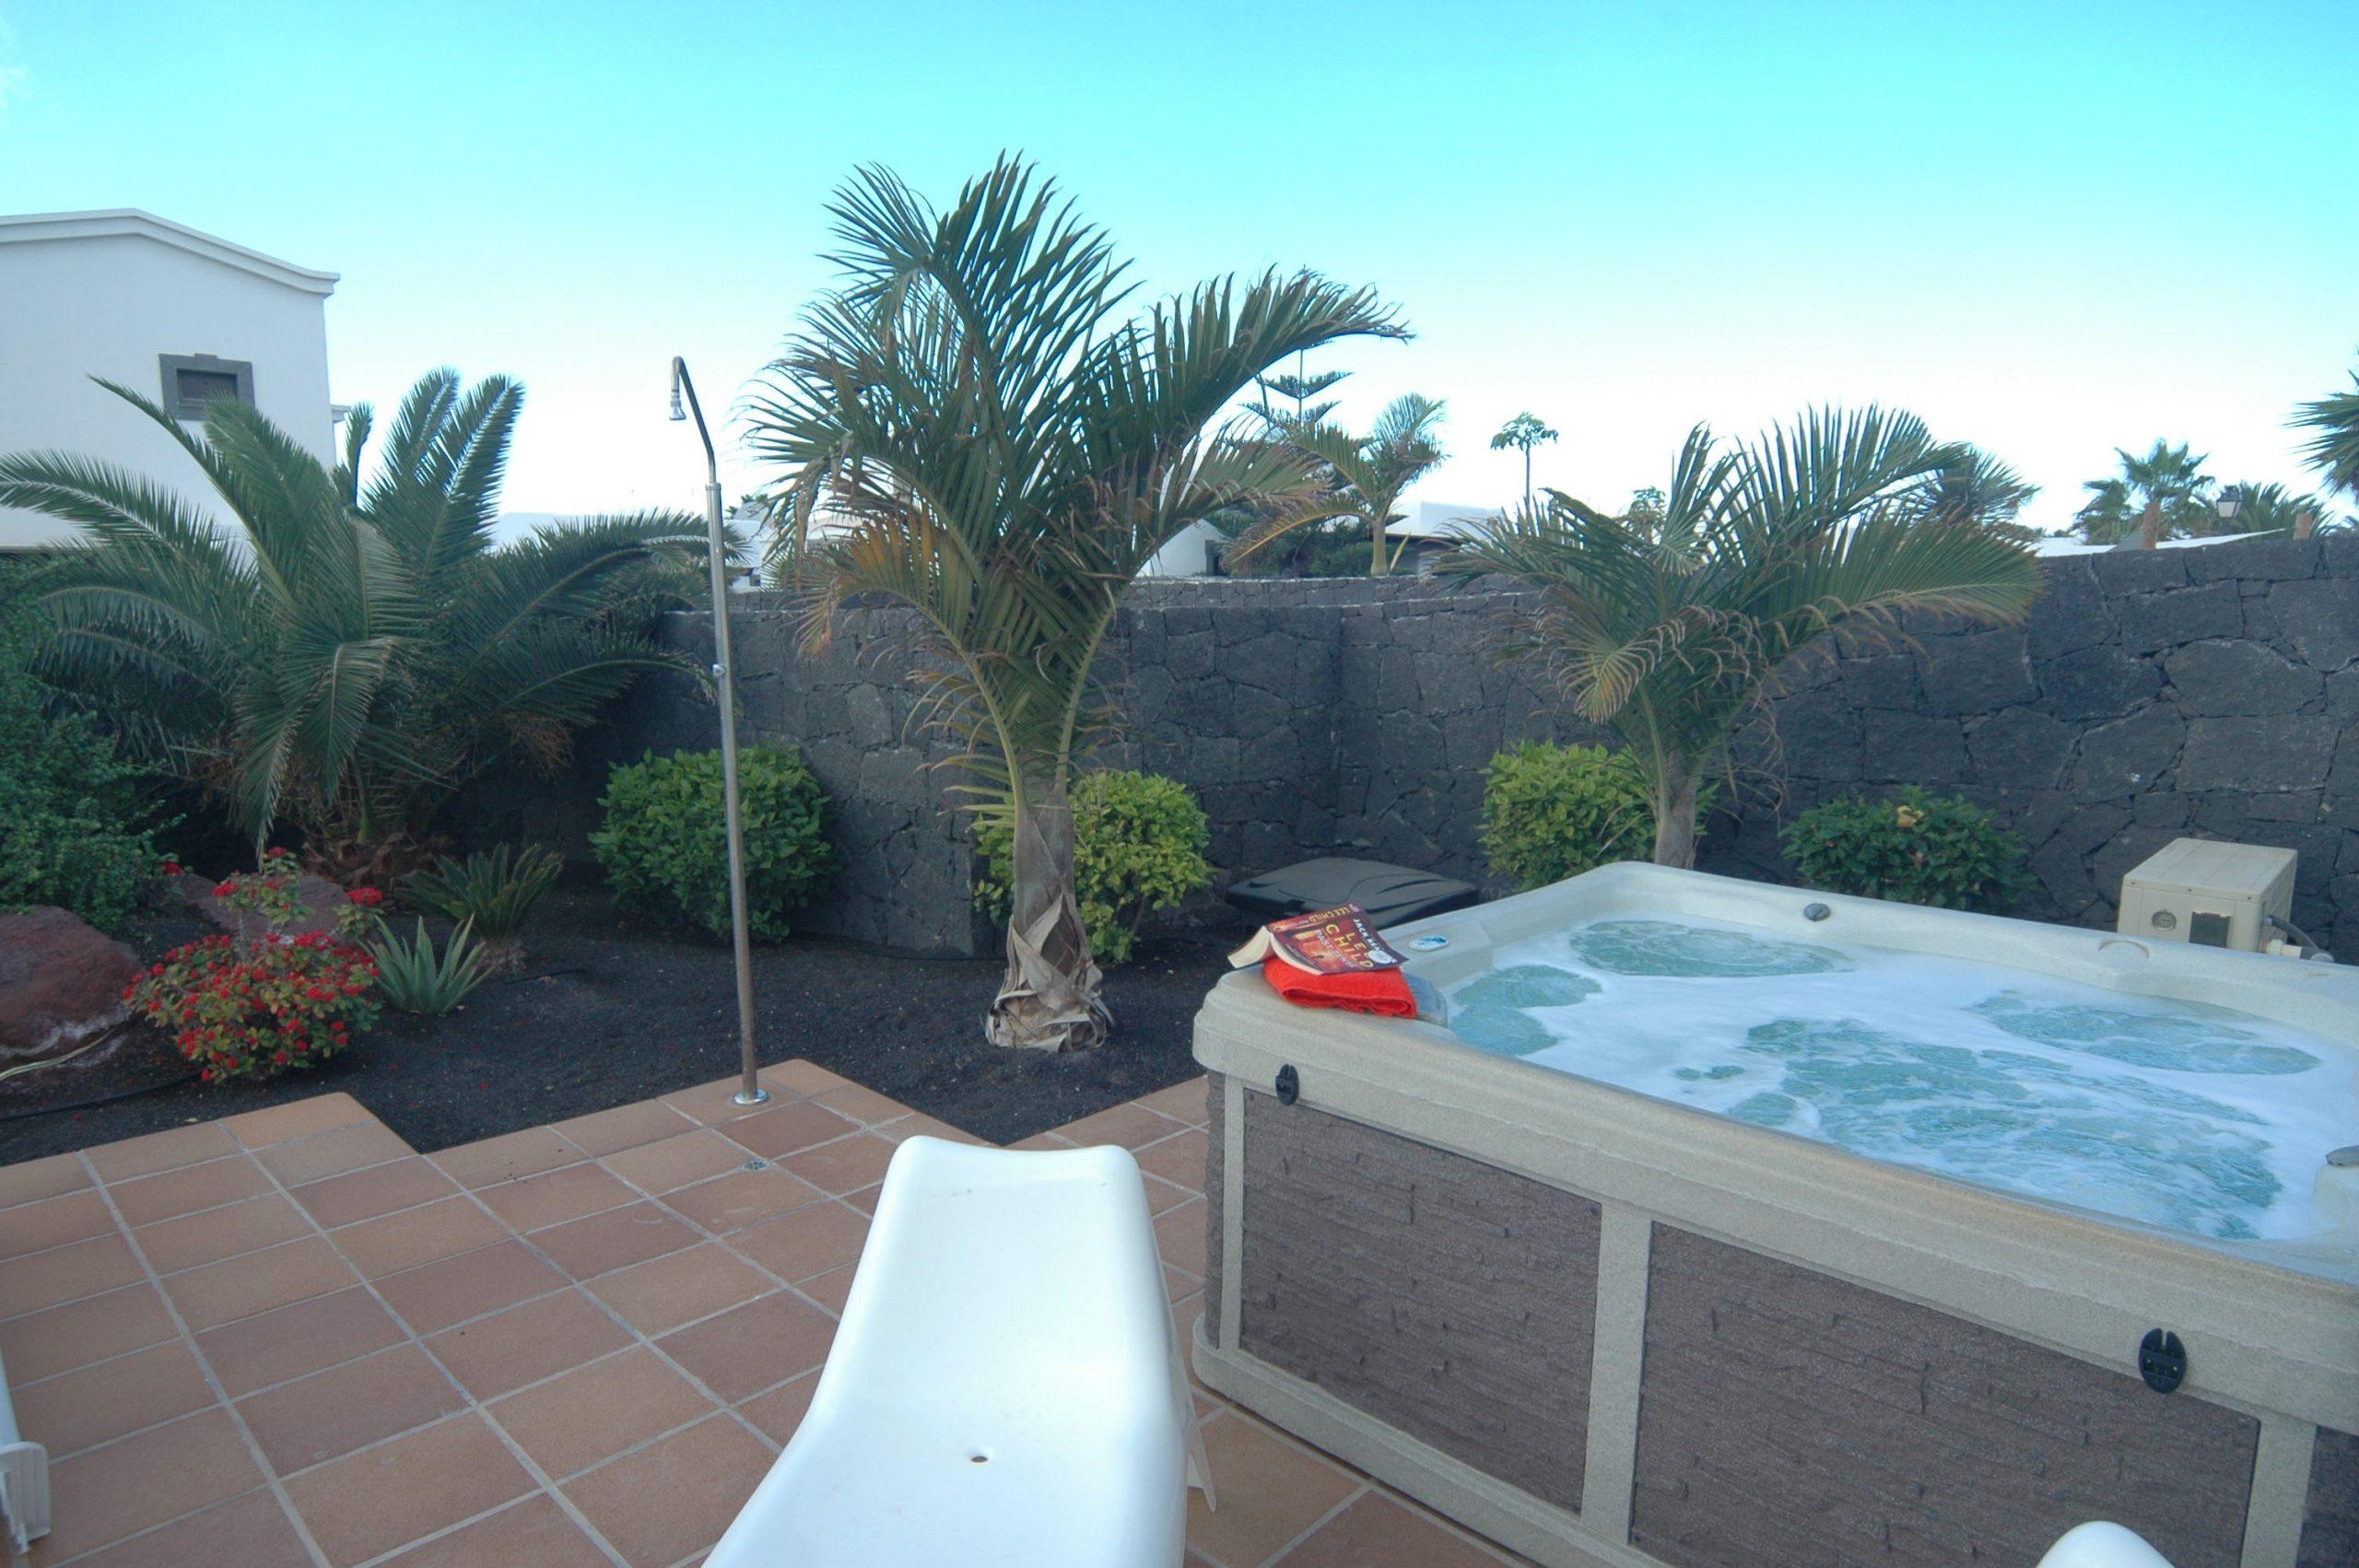 Villa_LVC338912 - Playa Blanca Villa with plenty of outdoor space